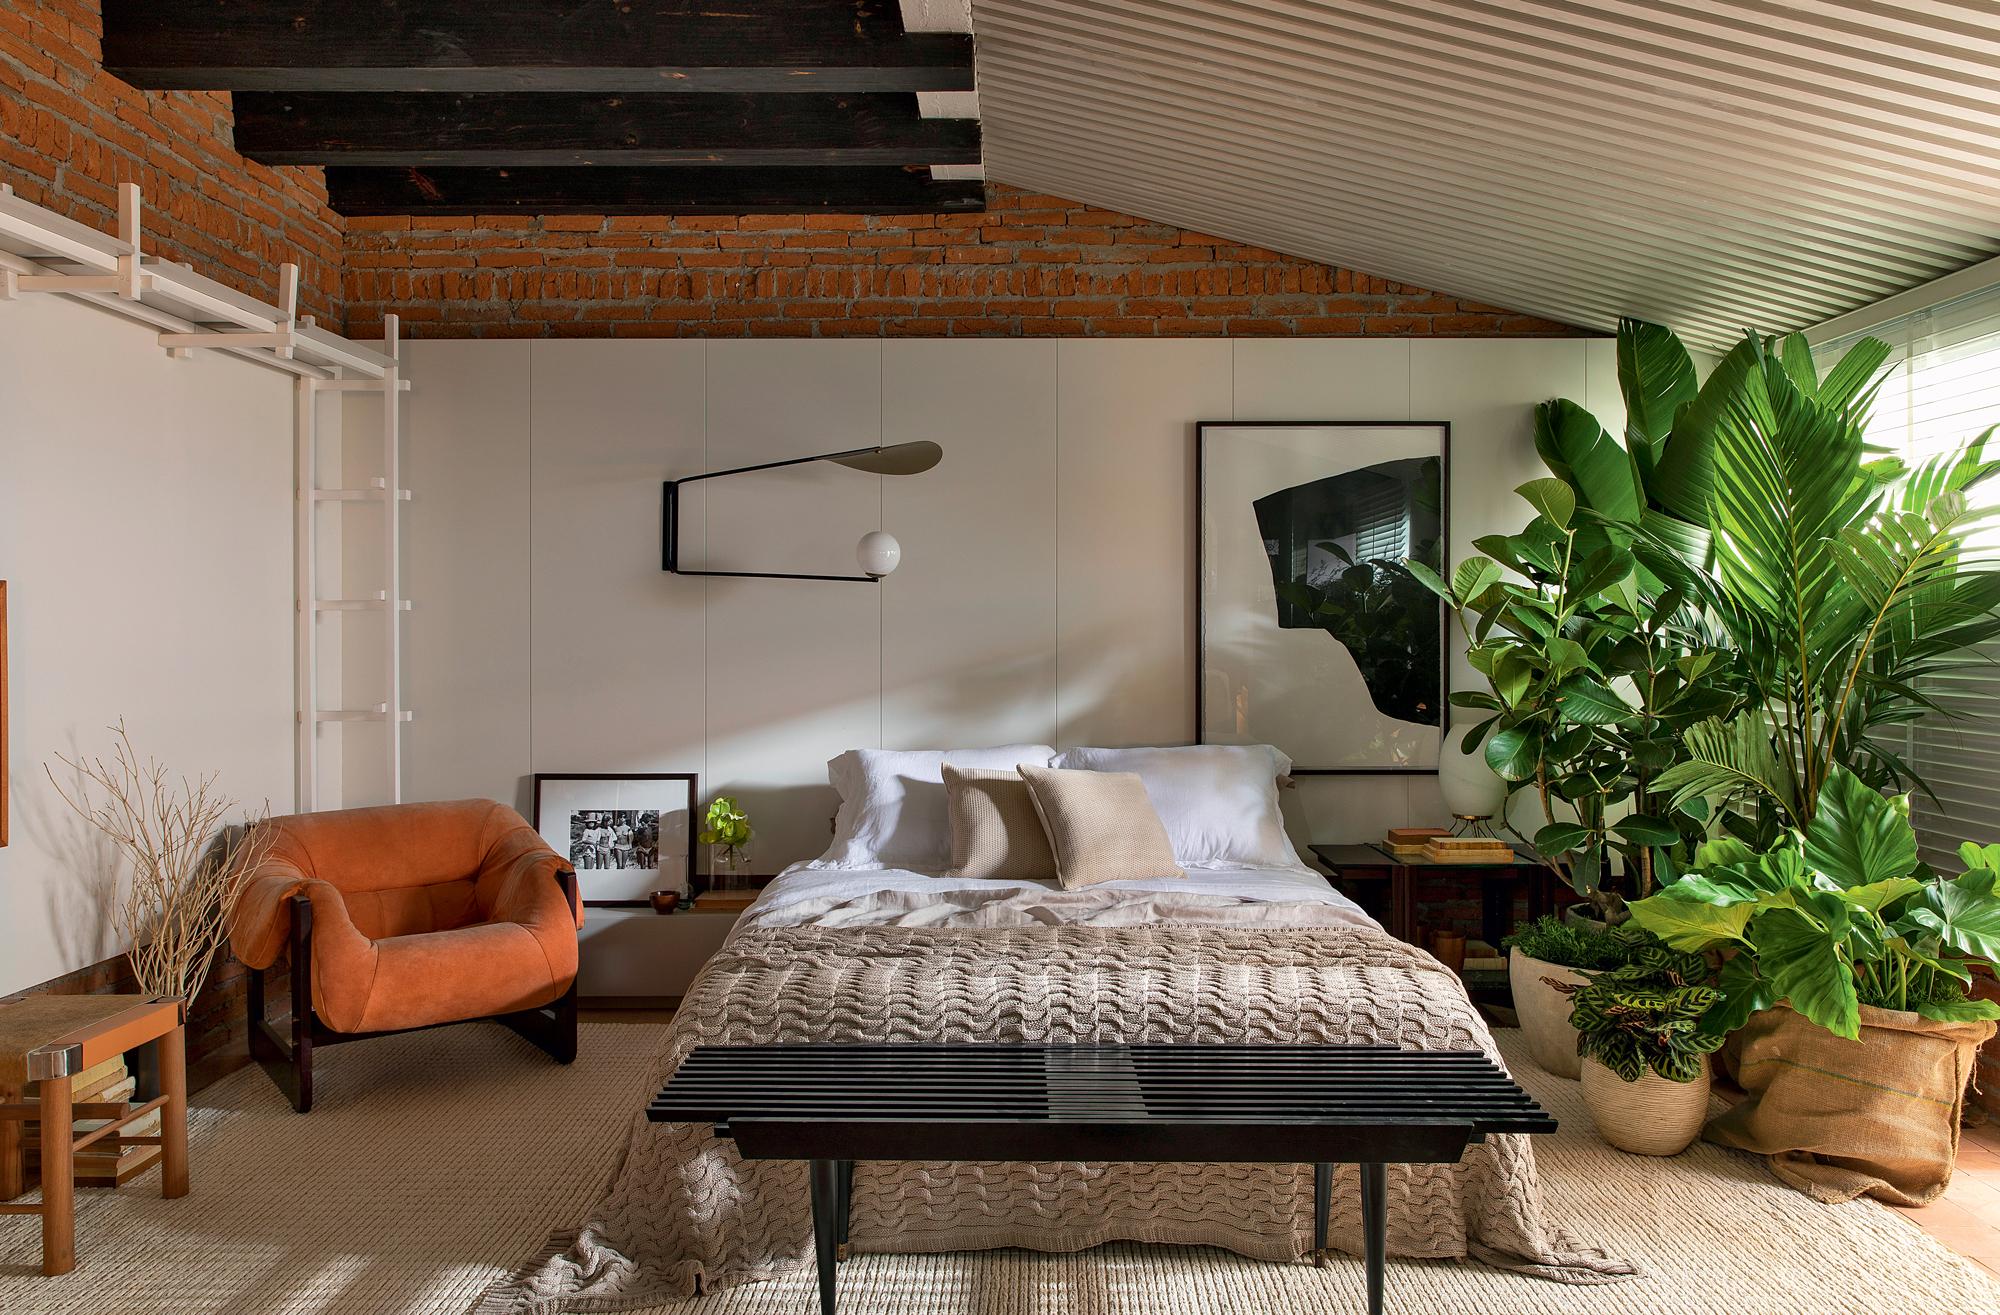 renato mendonça estúdio trigo casacor são paulo 2019 ambiente decoração quarto archdaily nomeação building of the year